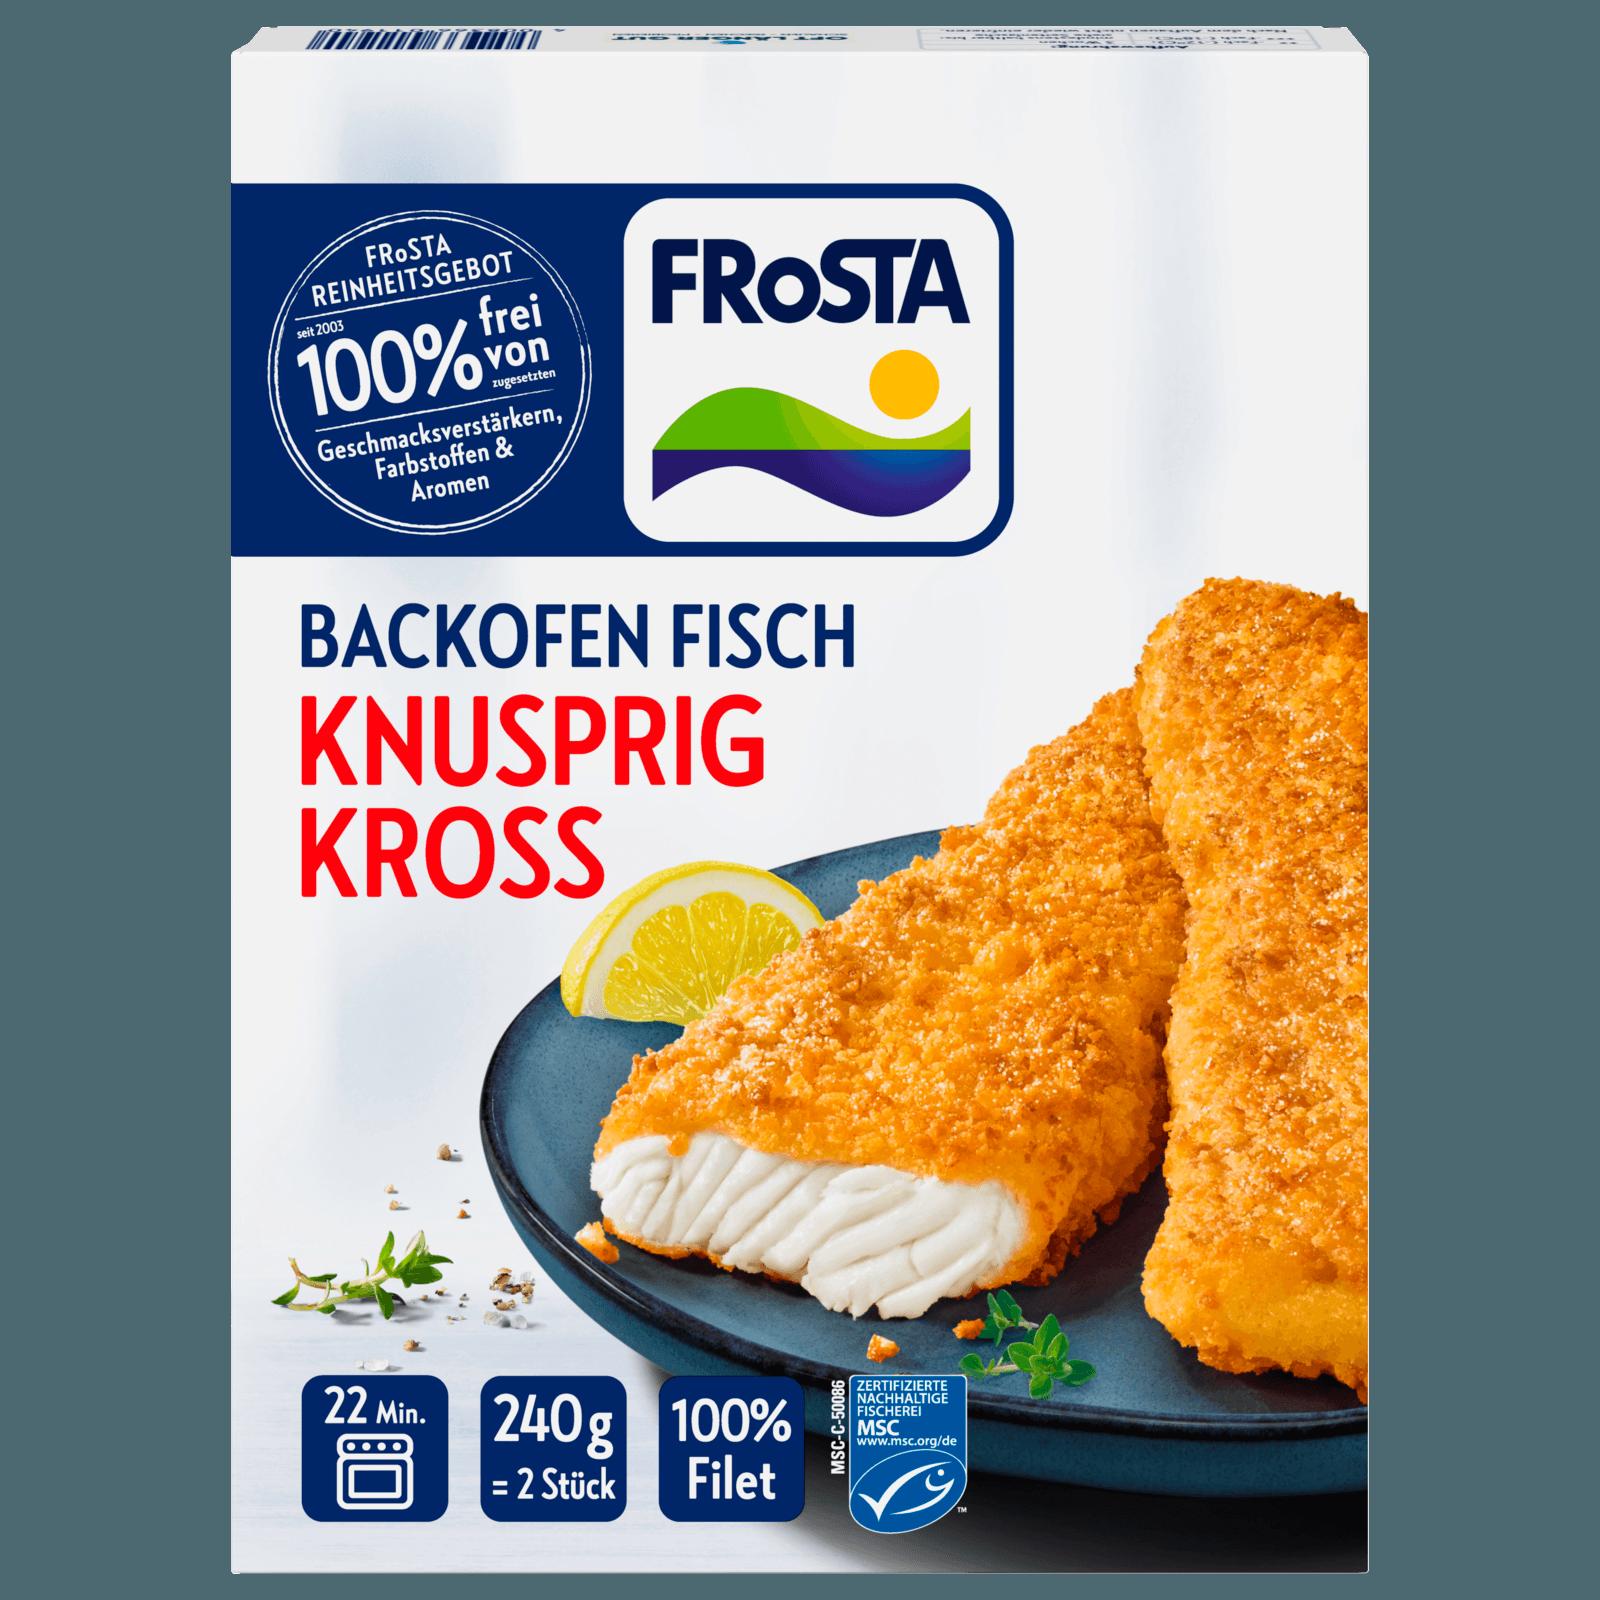 Frosta Backofenfisch Knusprig Kross 240g